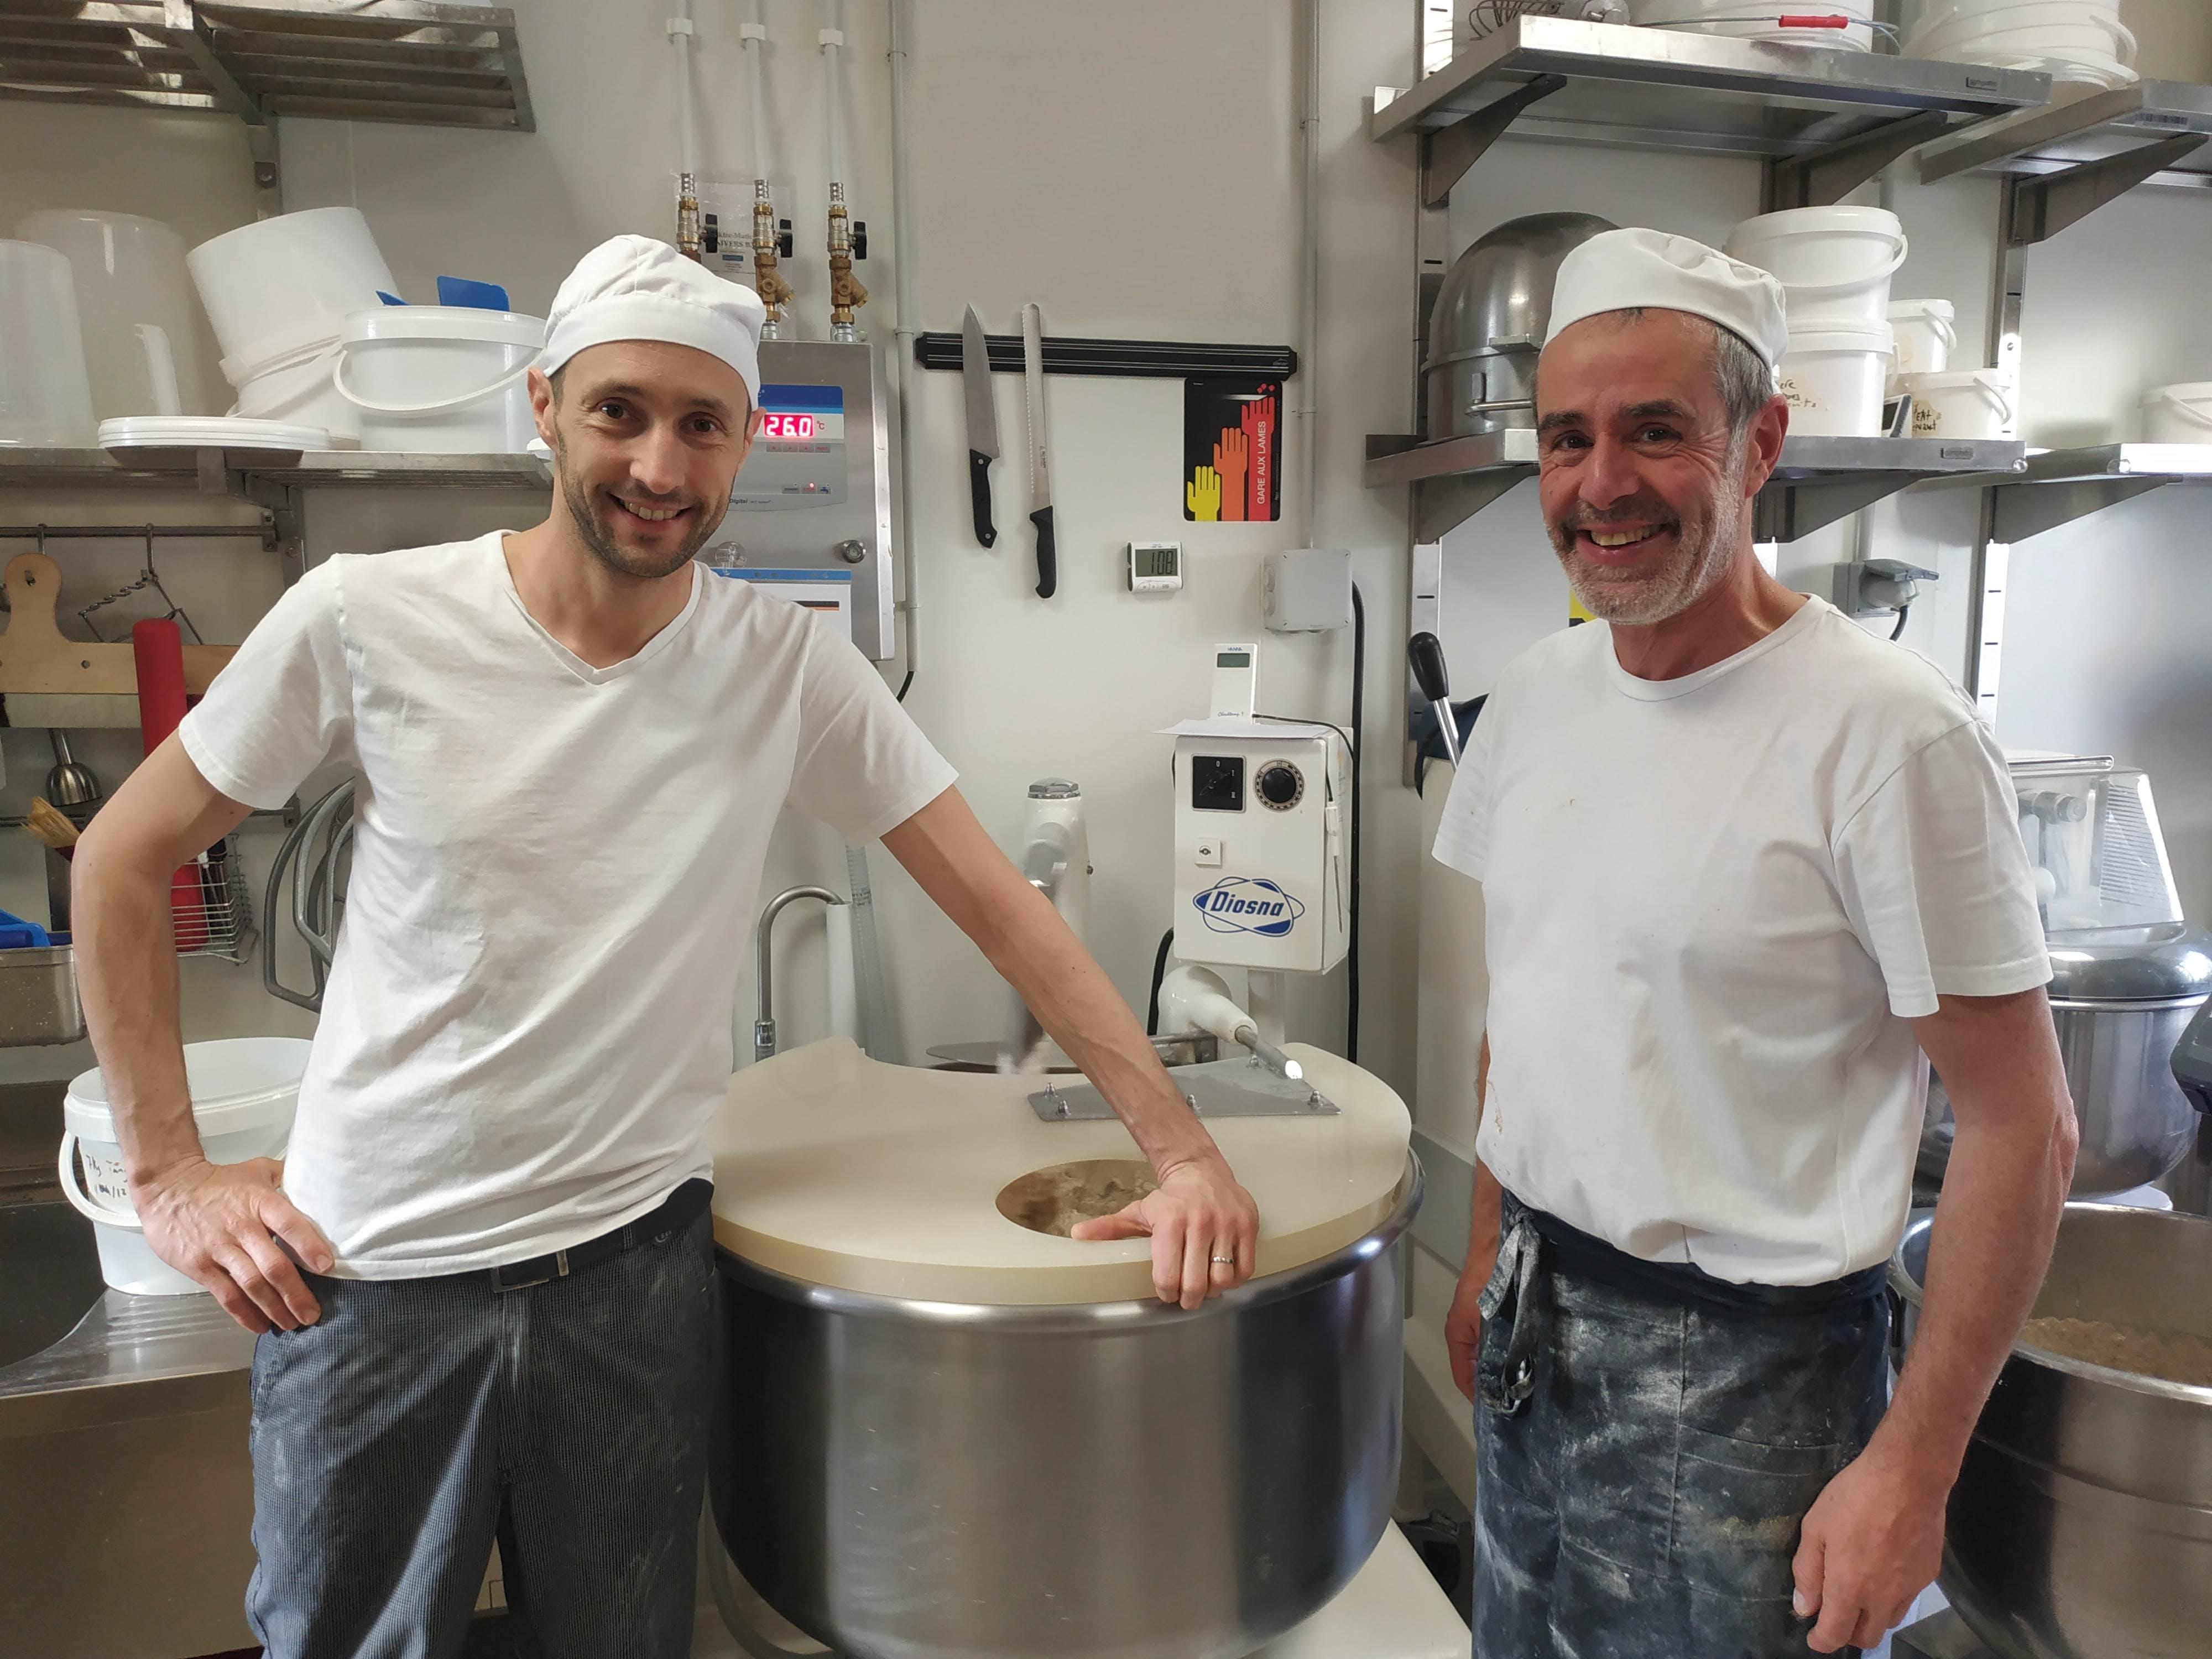 Enercoop Paca - Clients - Boulangerie Le Pain de la Terre - Peyrolles-en-Provence - Portrait